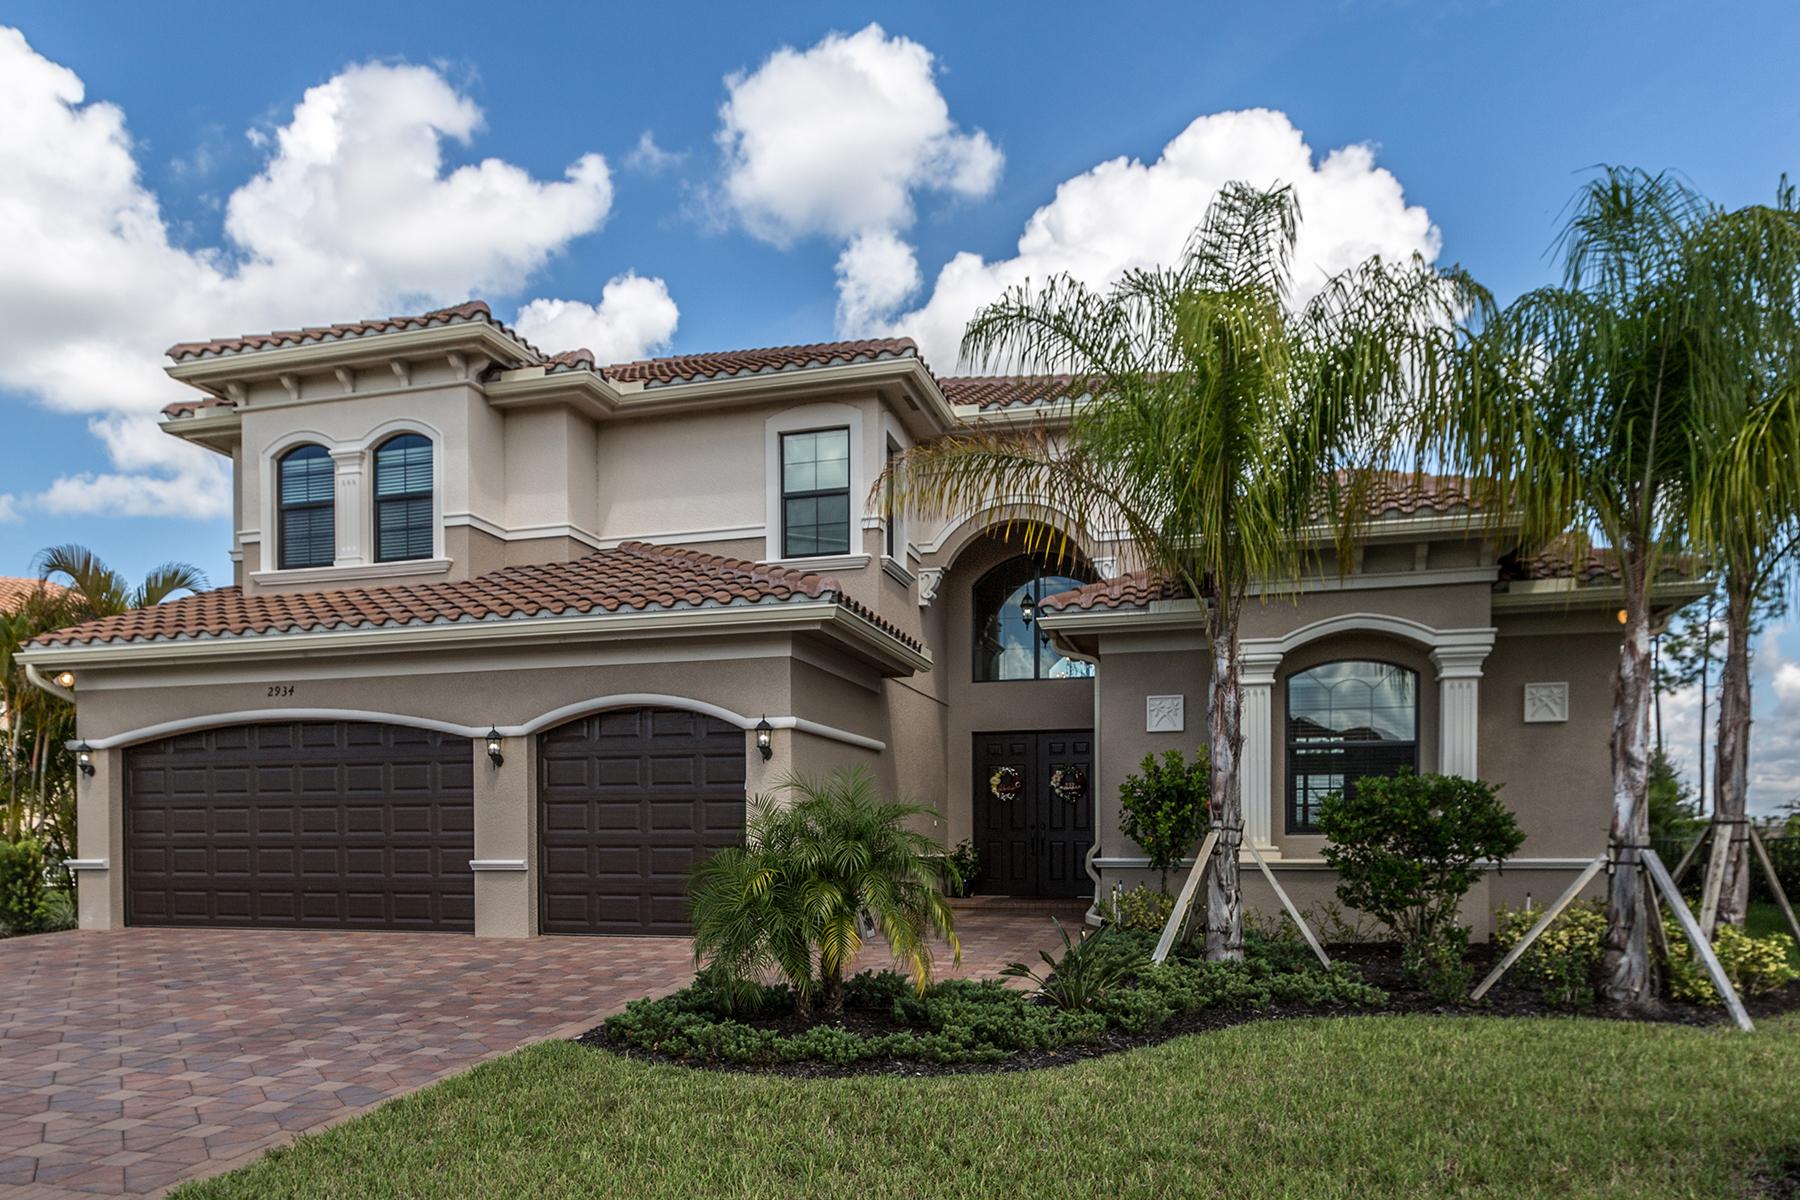 단독 가정 주택 용 매매 에 2934 Cinnamon Bay Cir , Naples, FL 34119 2934 Cinnamon Bay Cir Naples, 플로리다, 34119 미국